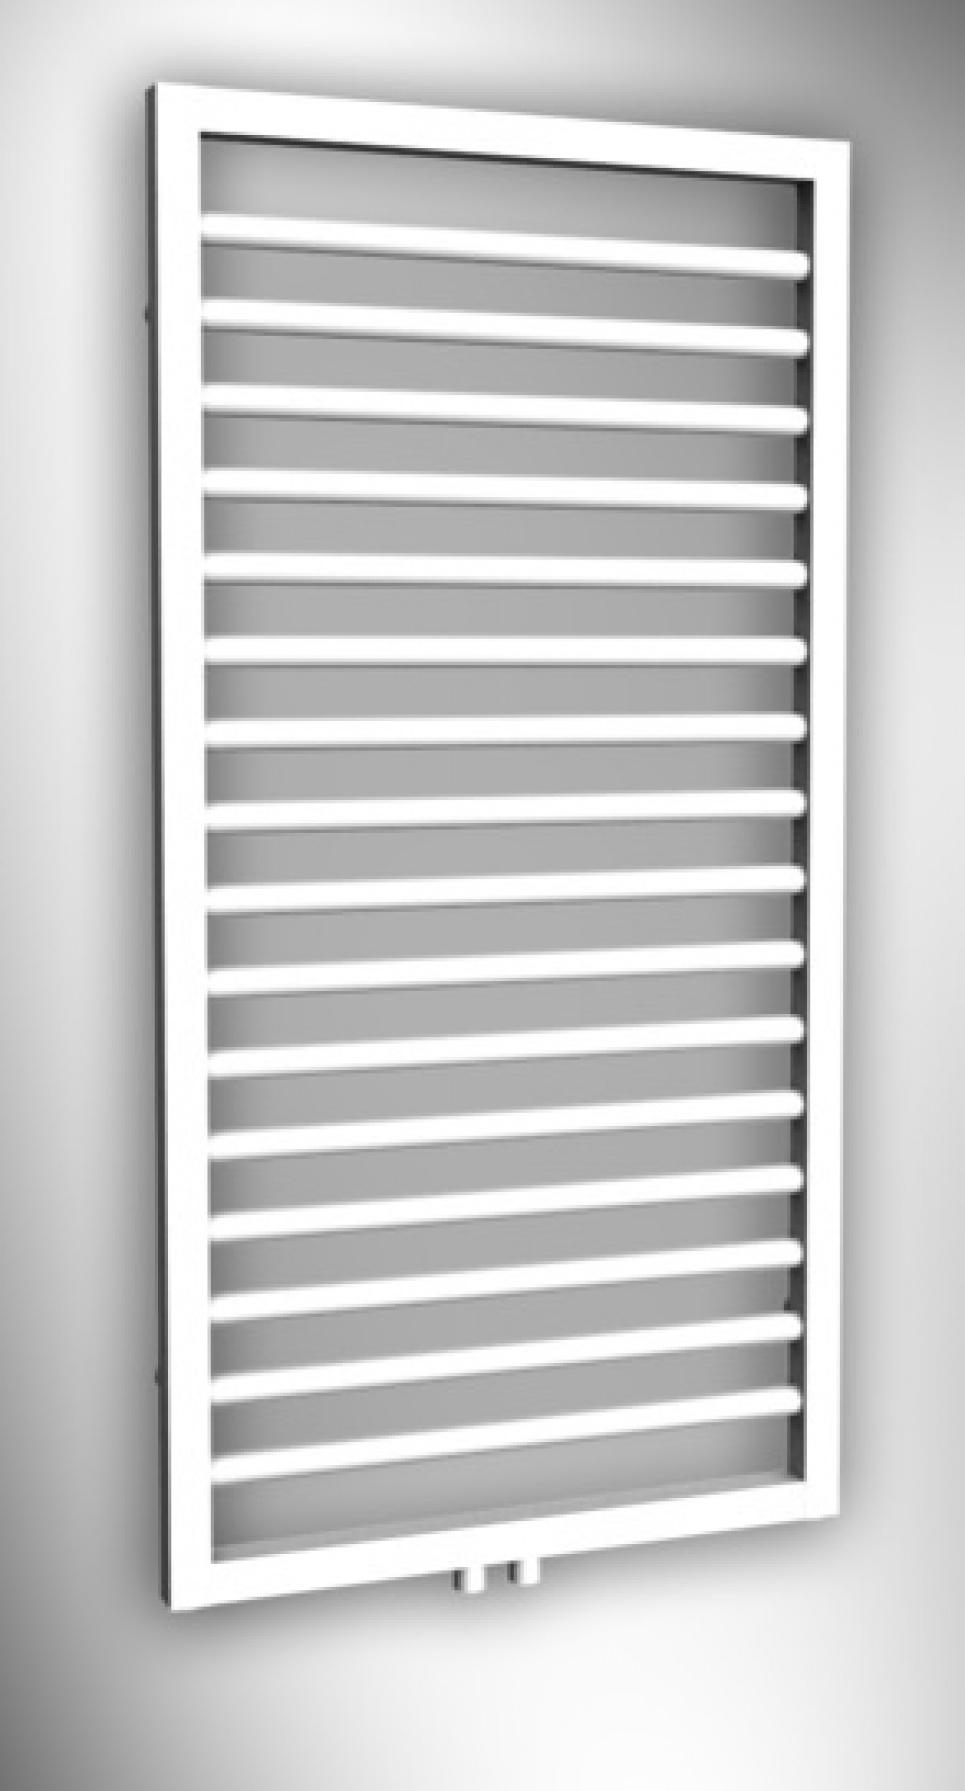 Design radiatoren voor de badkamer - hornbad.nl